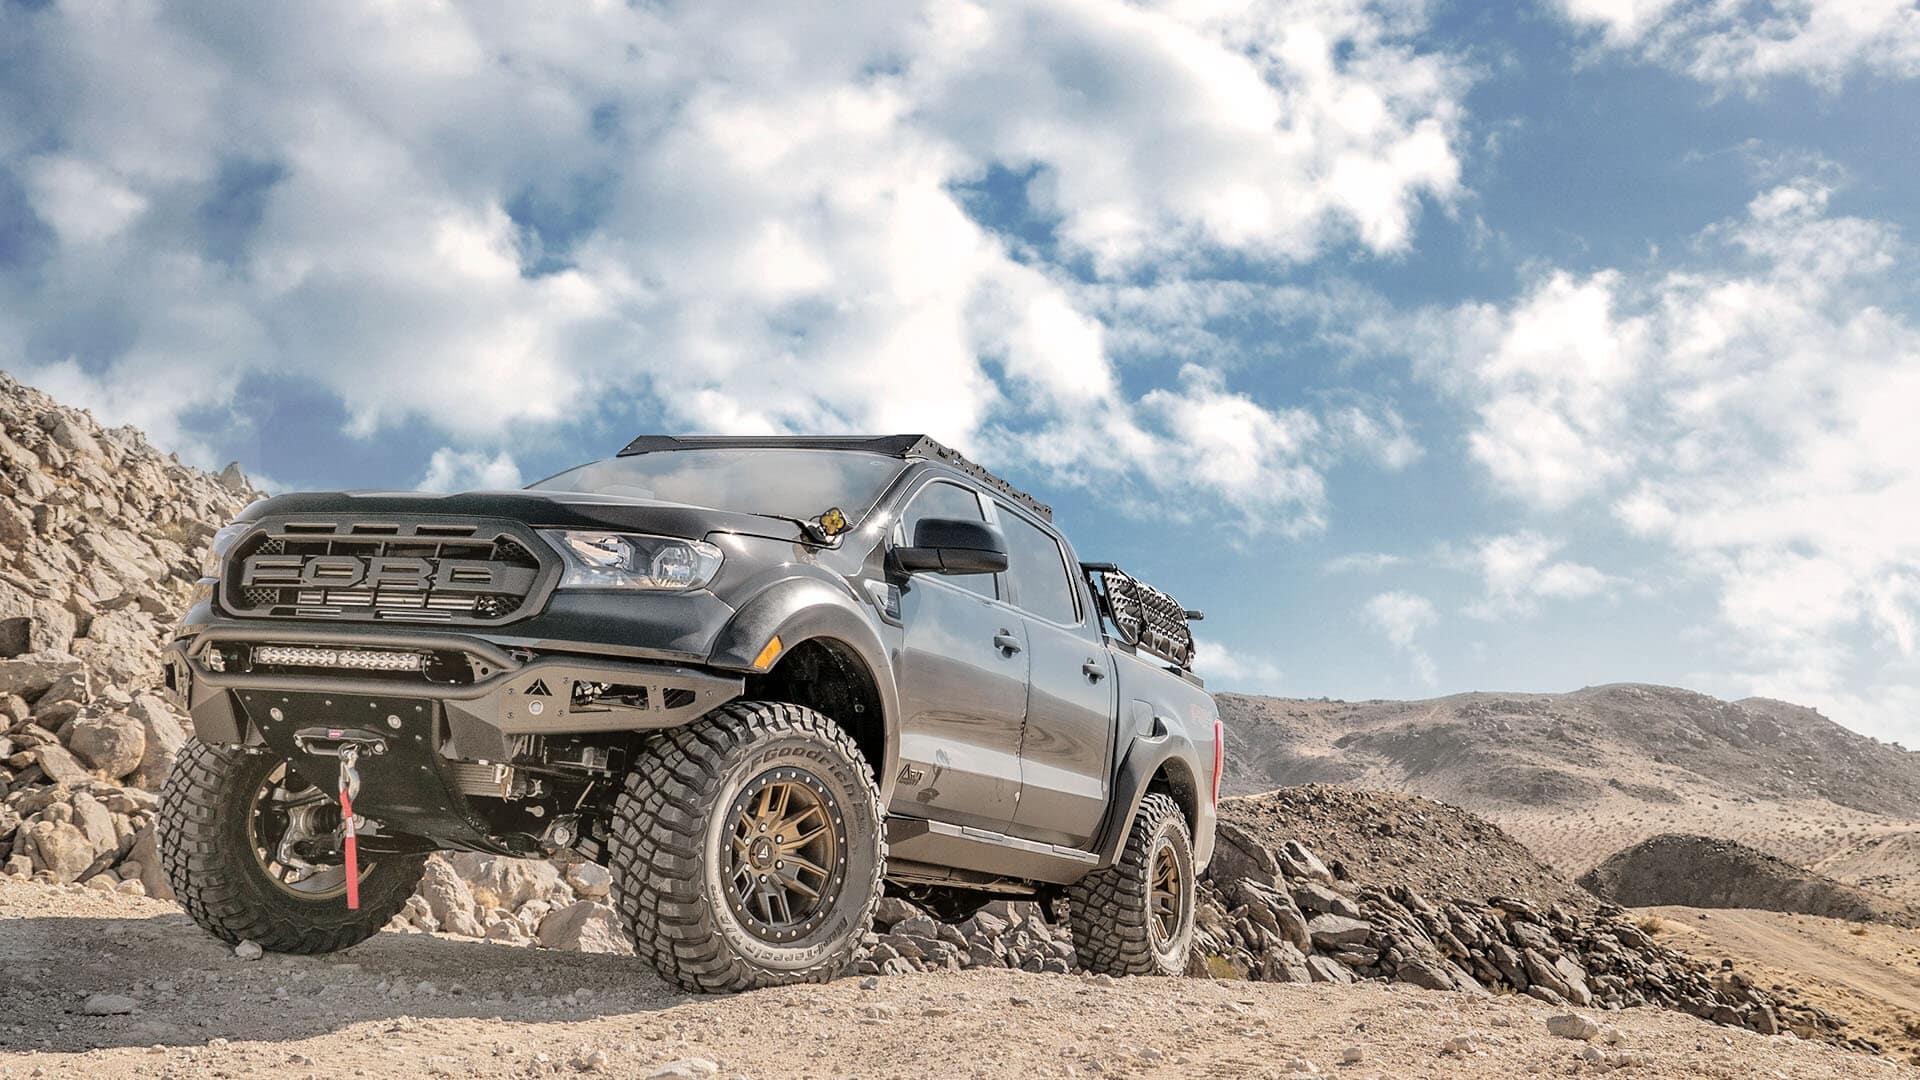 Sewell Ford RMT Overland Dealer in Odessa, Texas Ford Ranger Black